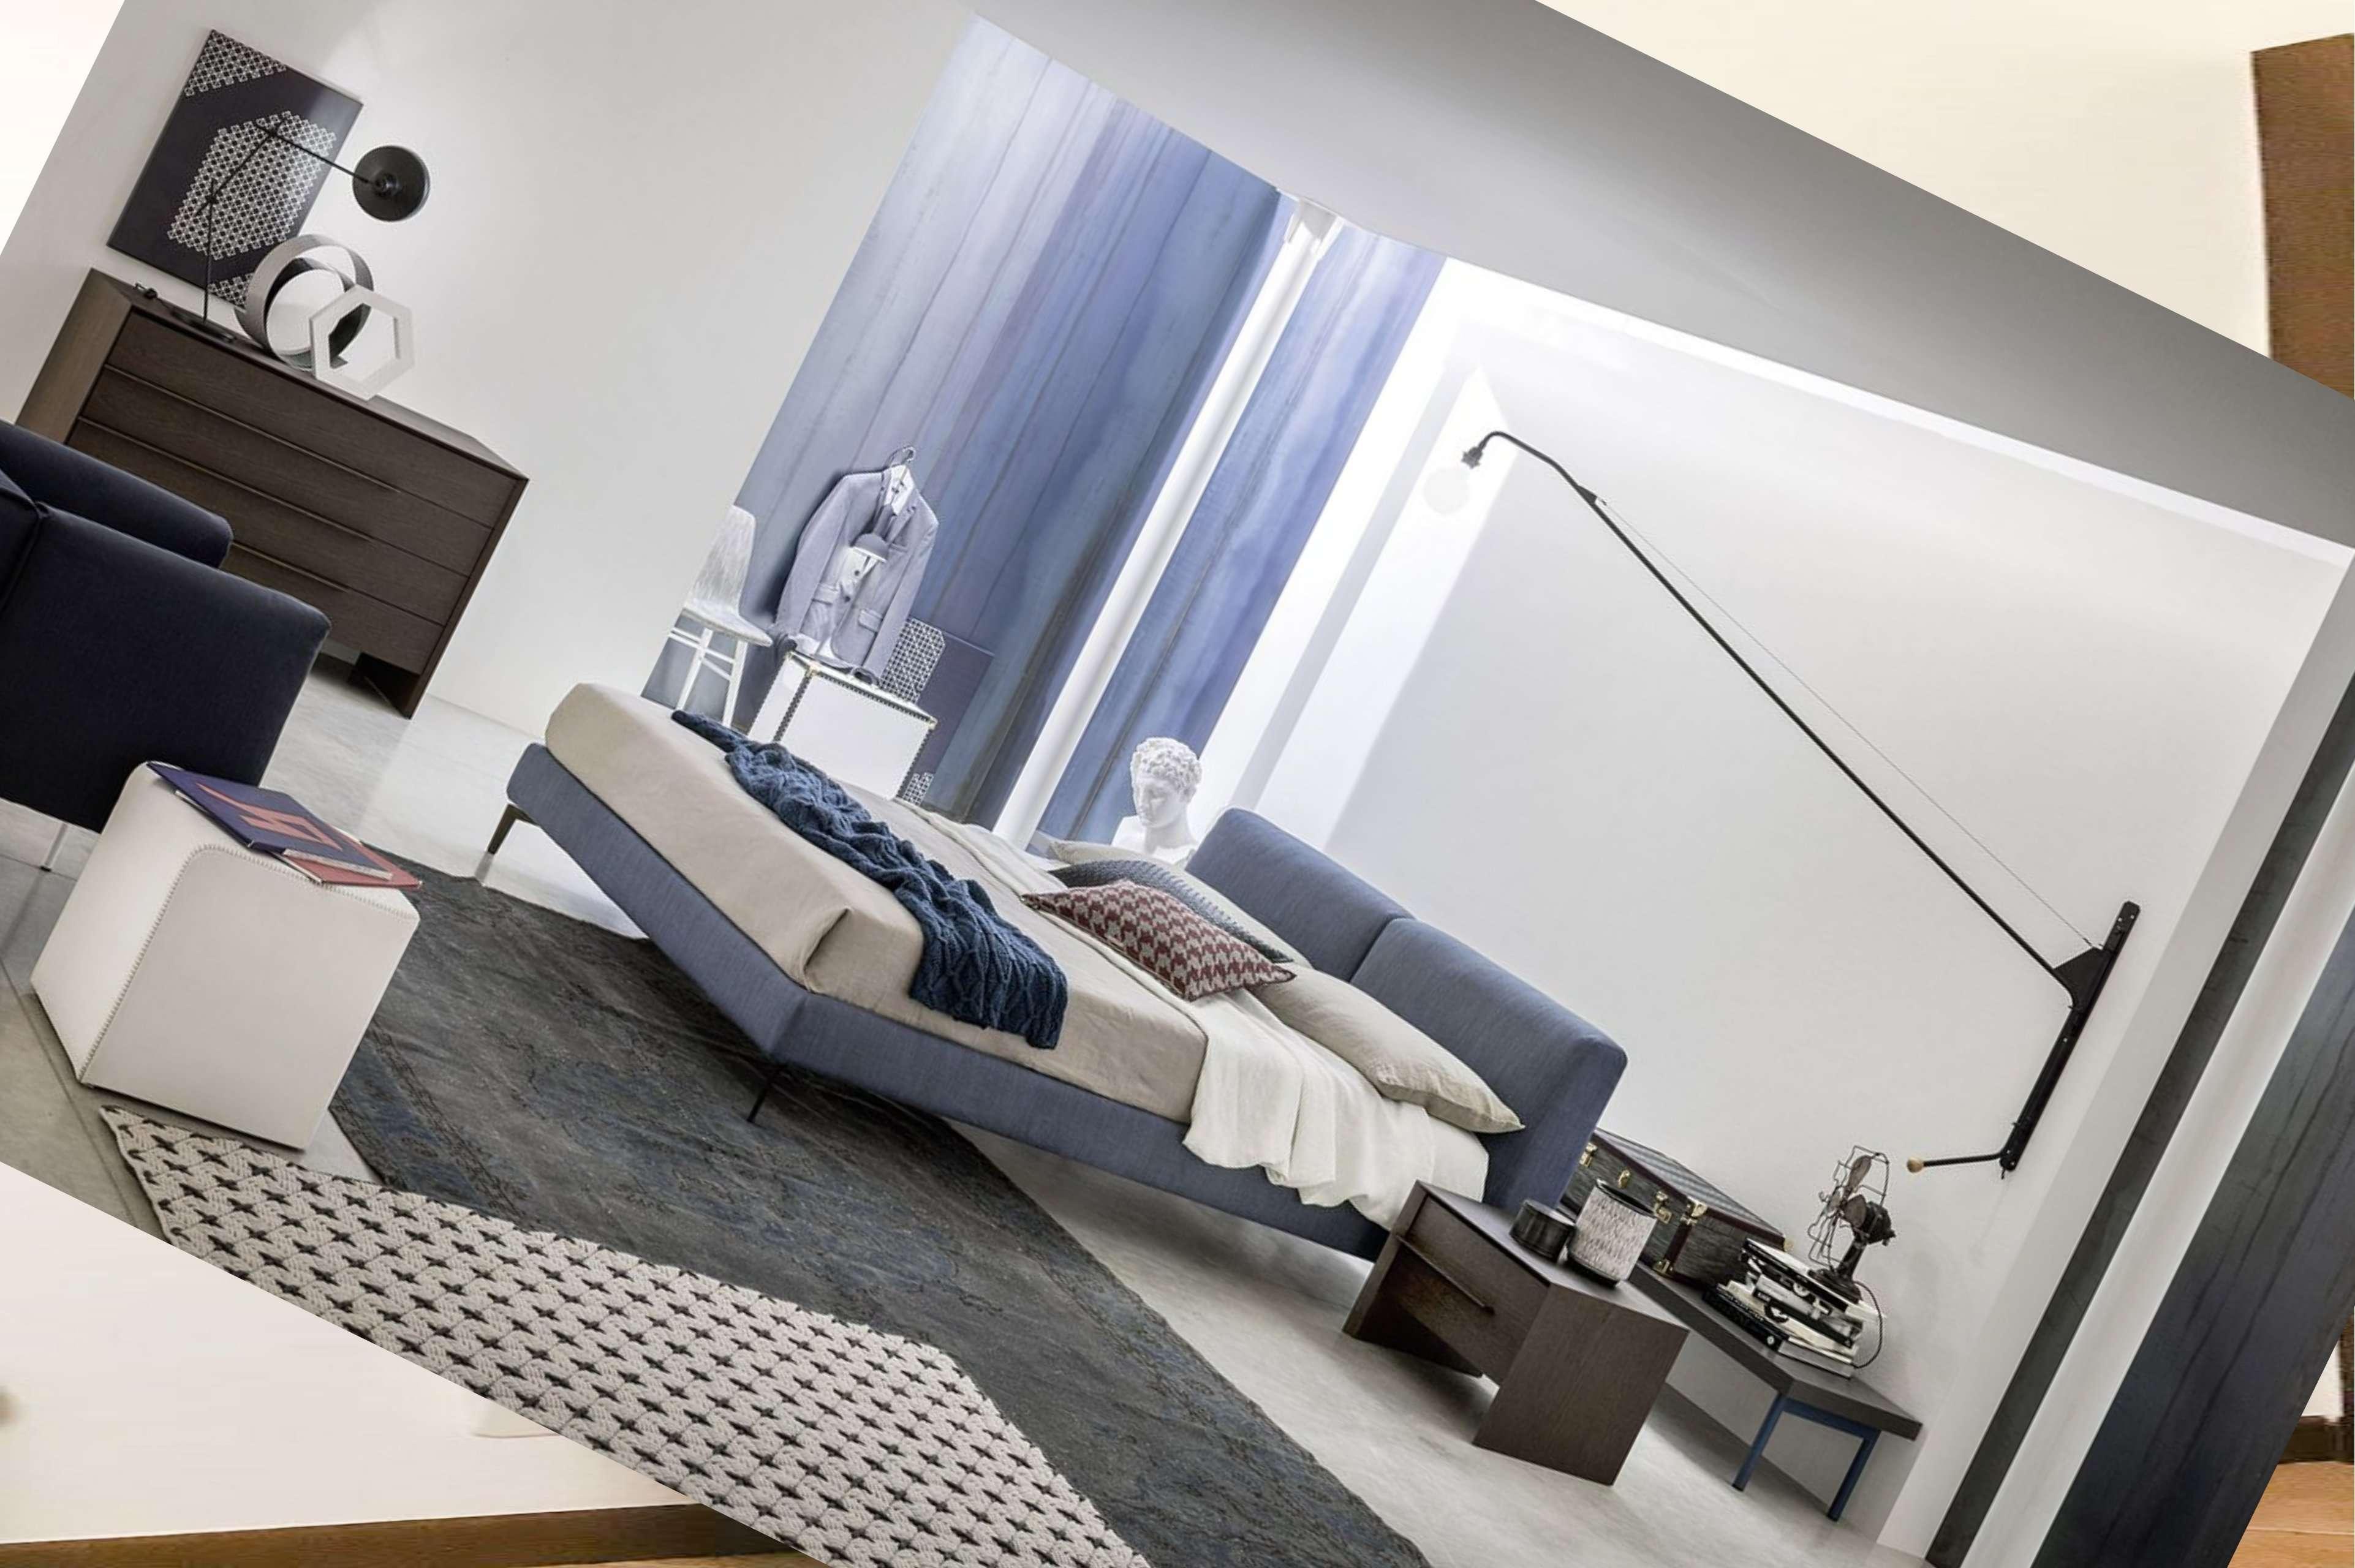 Arredare casa con gusto scegliendo non solo la qualit for Arredare la casa con gusto